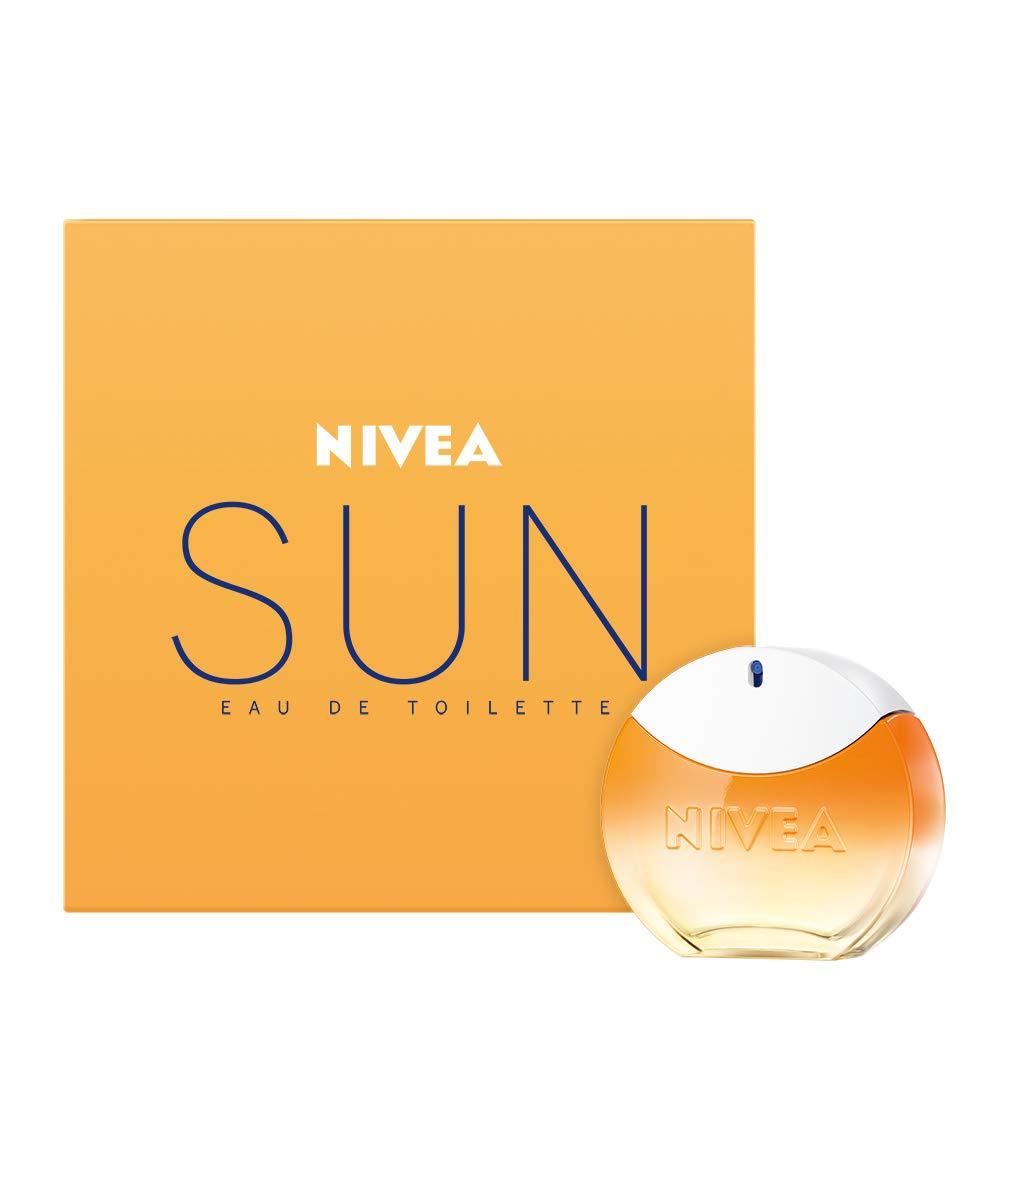 nivea sun eau de toilette (1 x 30 ml) mit dem original nivea sun  sonnencreme duft, sommerlicher damenduft im ikonischen parfum-flakon,  sinnliches